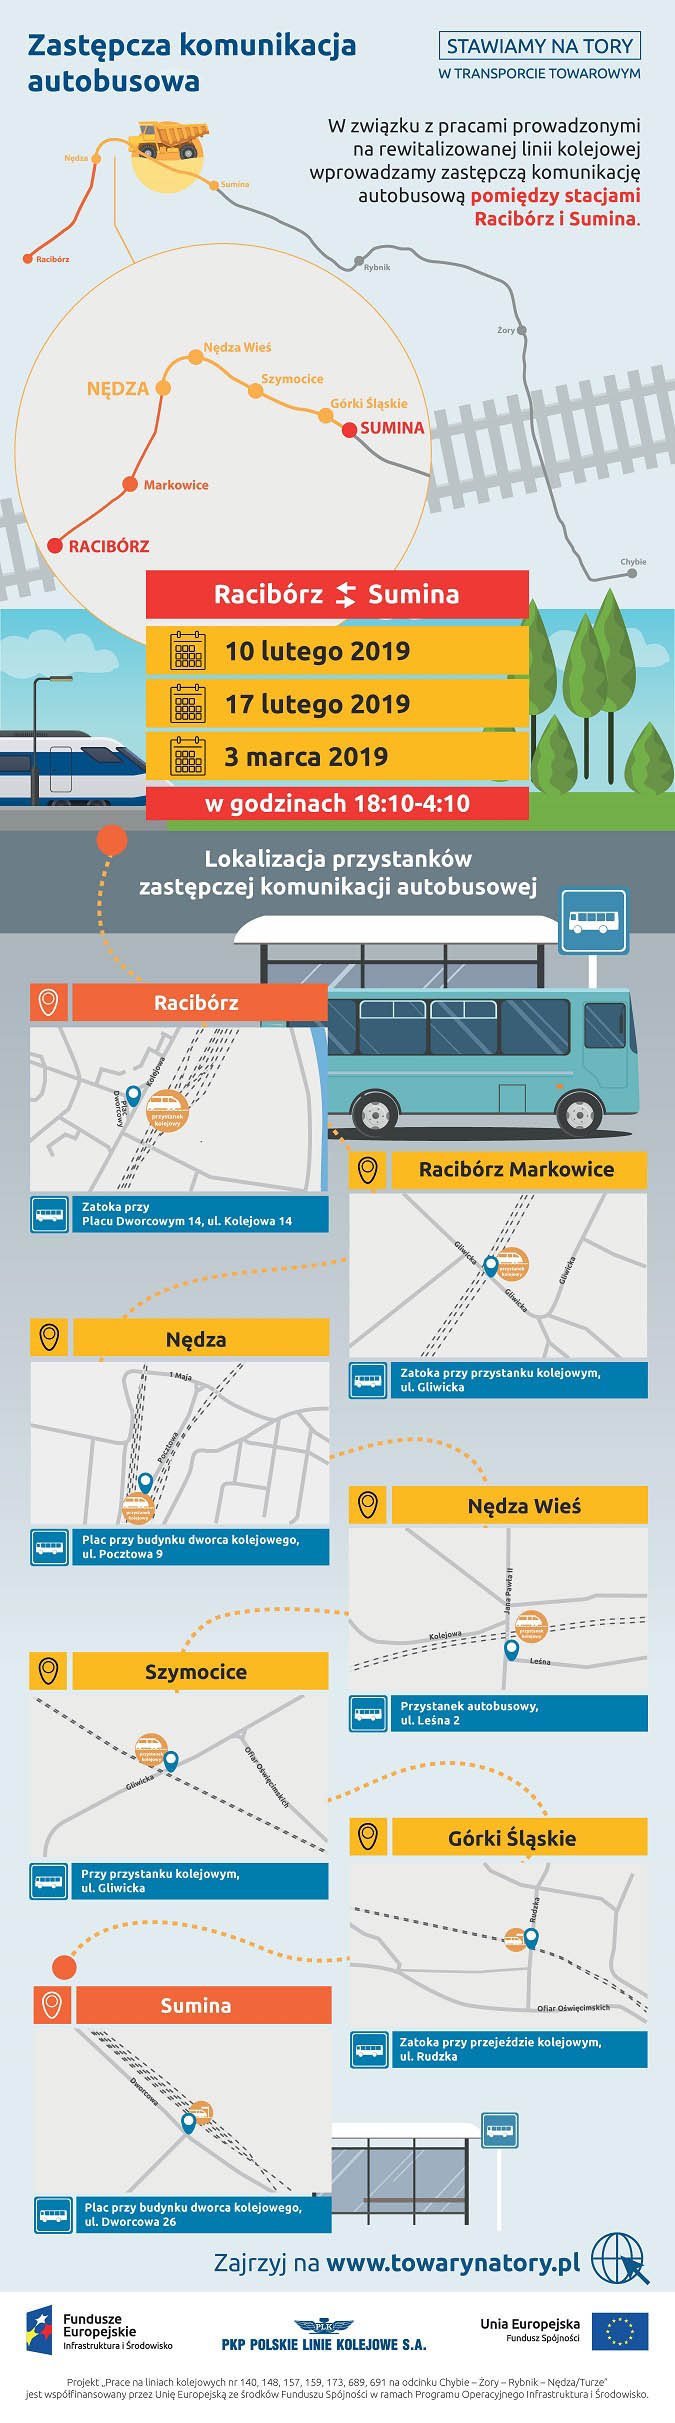 Infografika mówi o zastępczej komunikacji autobusowej w lutym i marcu dwa tysiące dziewiętnastego roku. Dotyczy ona miejscowości: Racibórz, Racibórz Markowice, Nędza, Nowa Wieś, Szymocice, Górki Śląskie i Sumina.